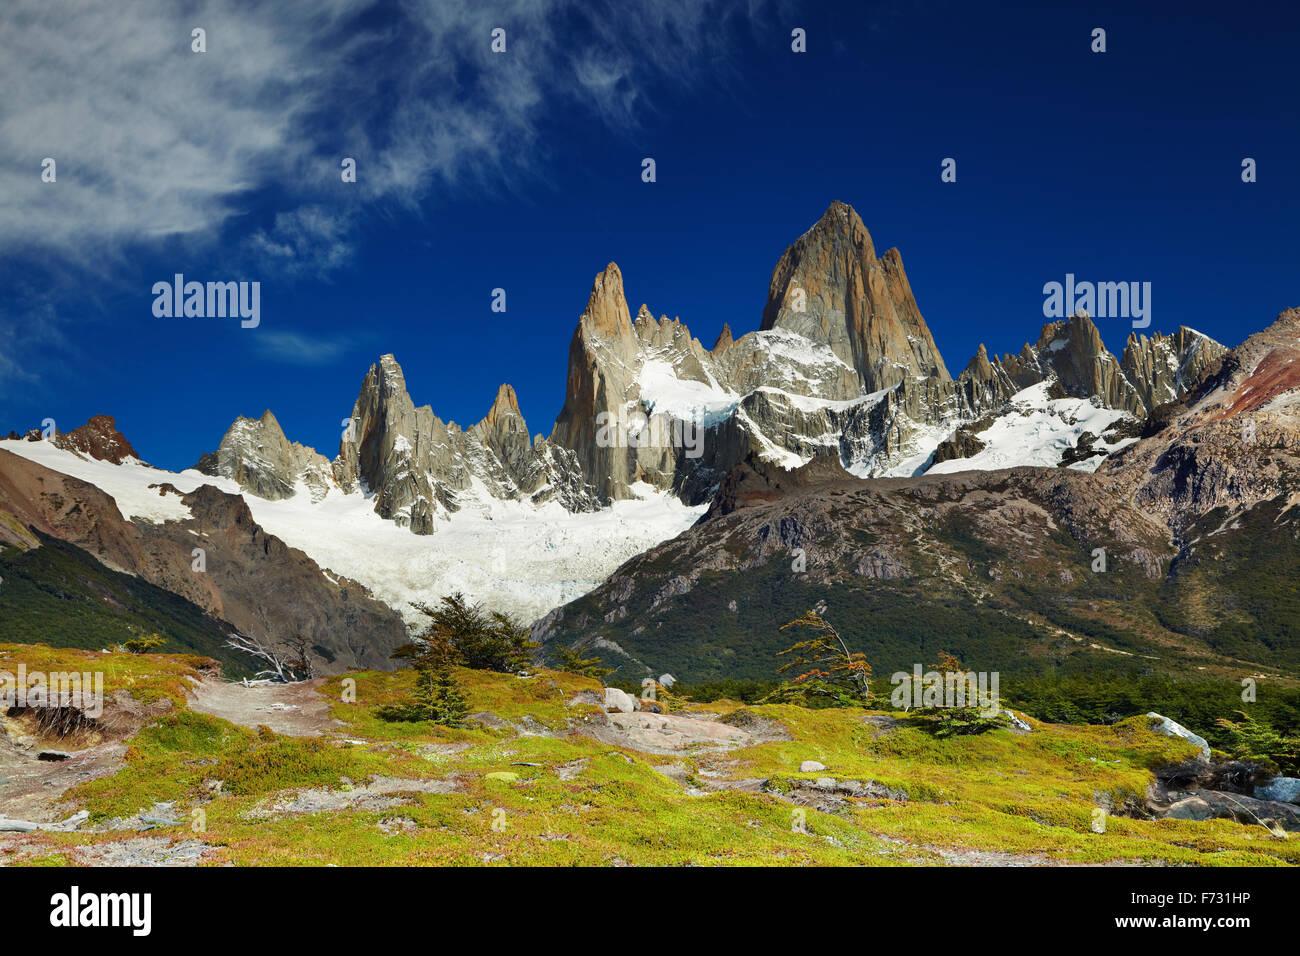 Il monte Fitz Roy, parco nazionale Los Glaciares, Patagonia, Argentina Immagini Stock